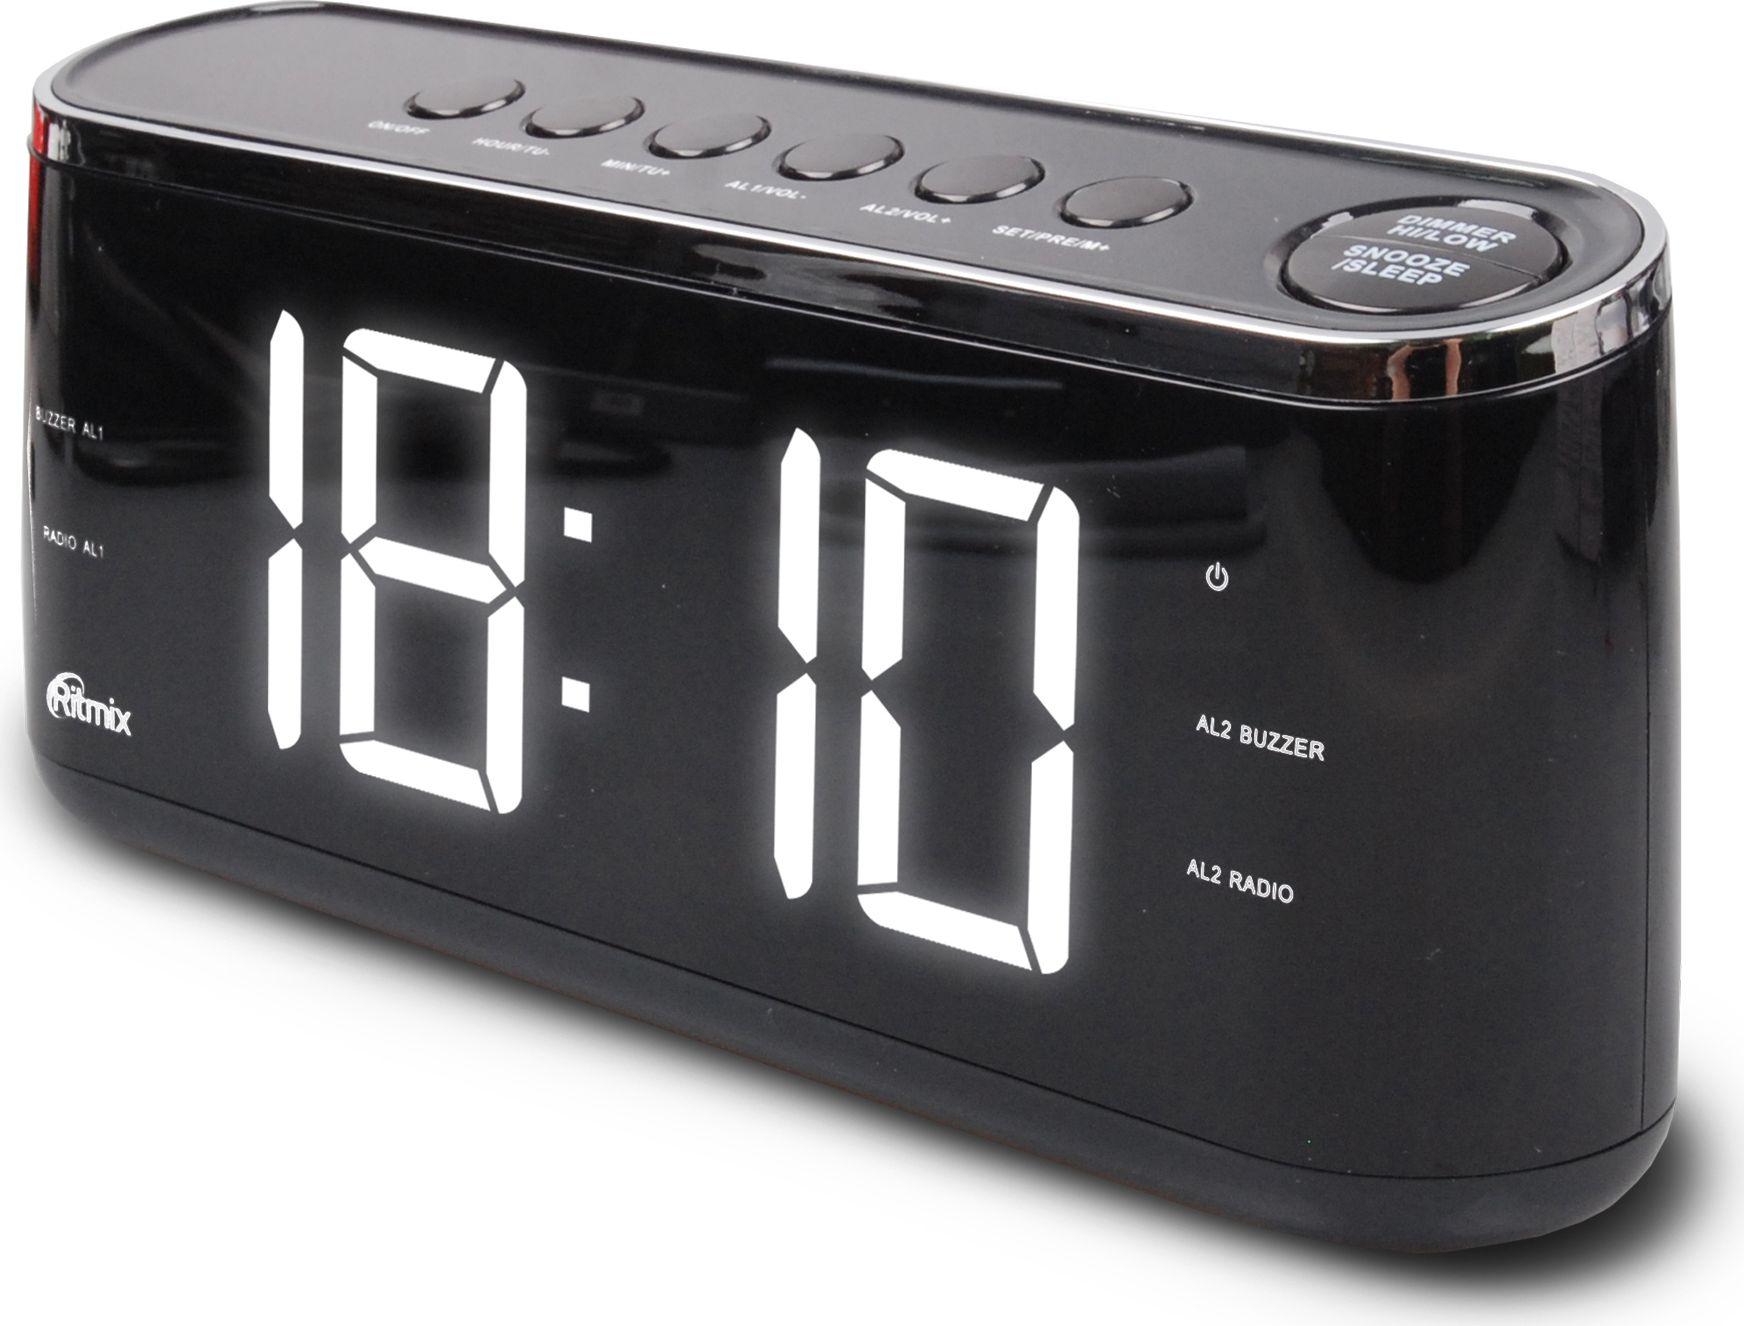 Ritmix RRC-1810, Black радио-будильник - Радиобудильники и проекционные часы